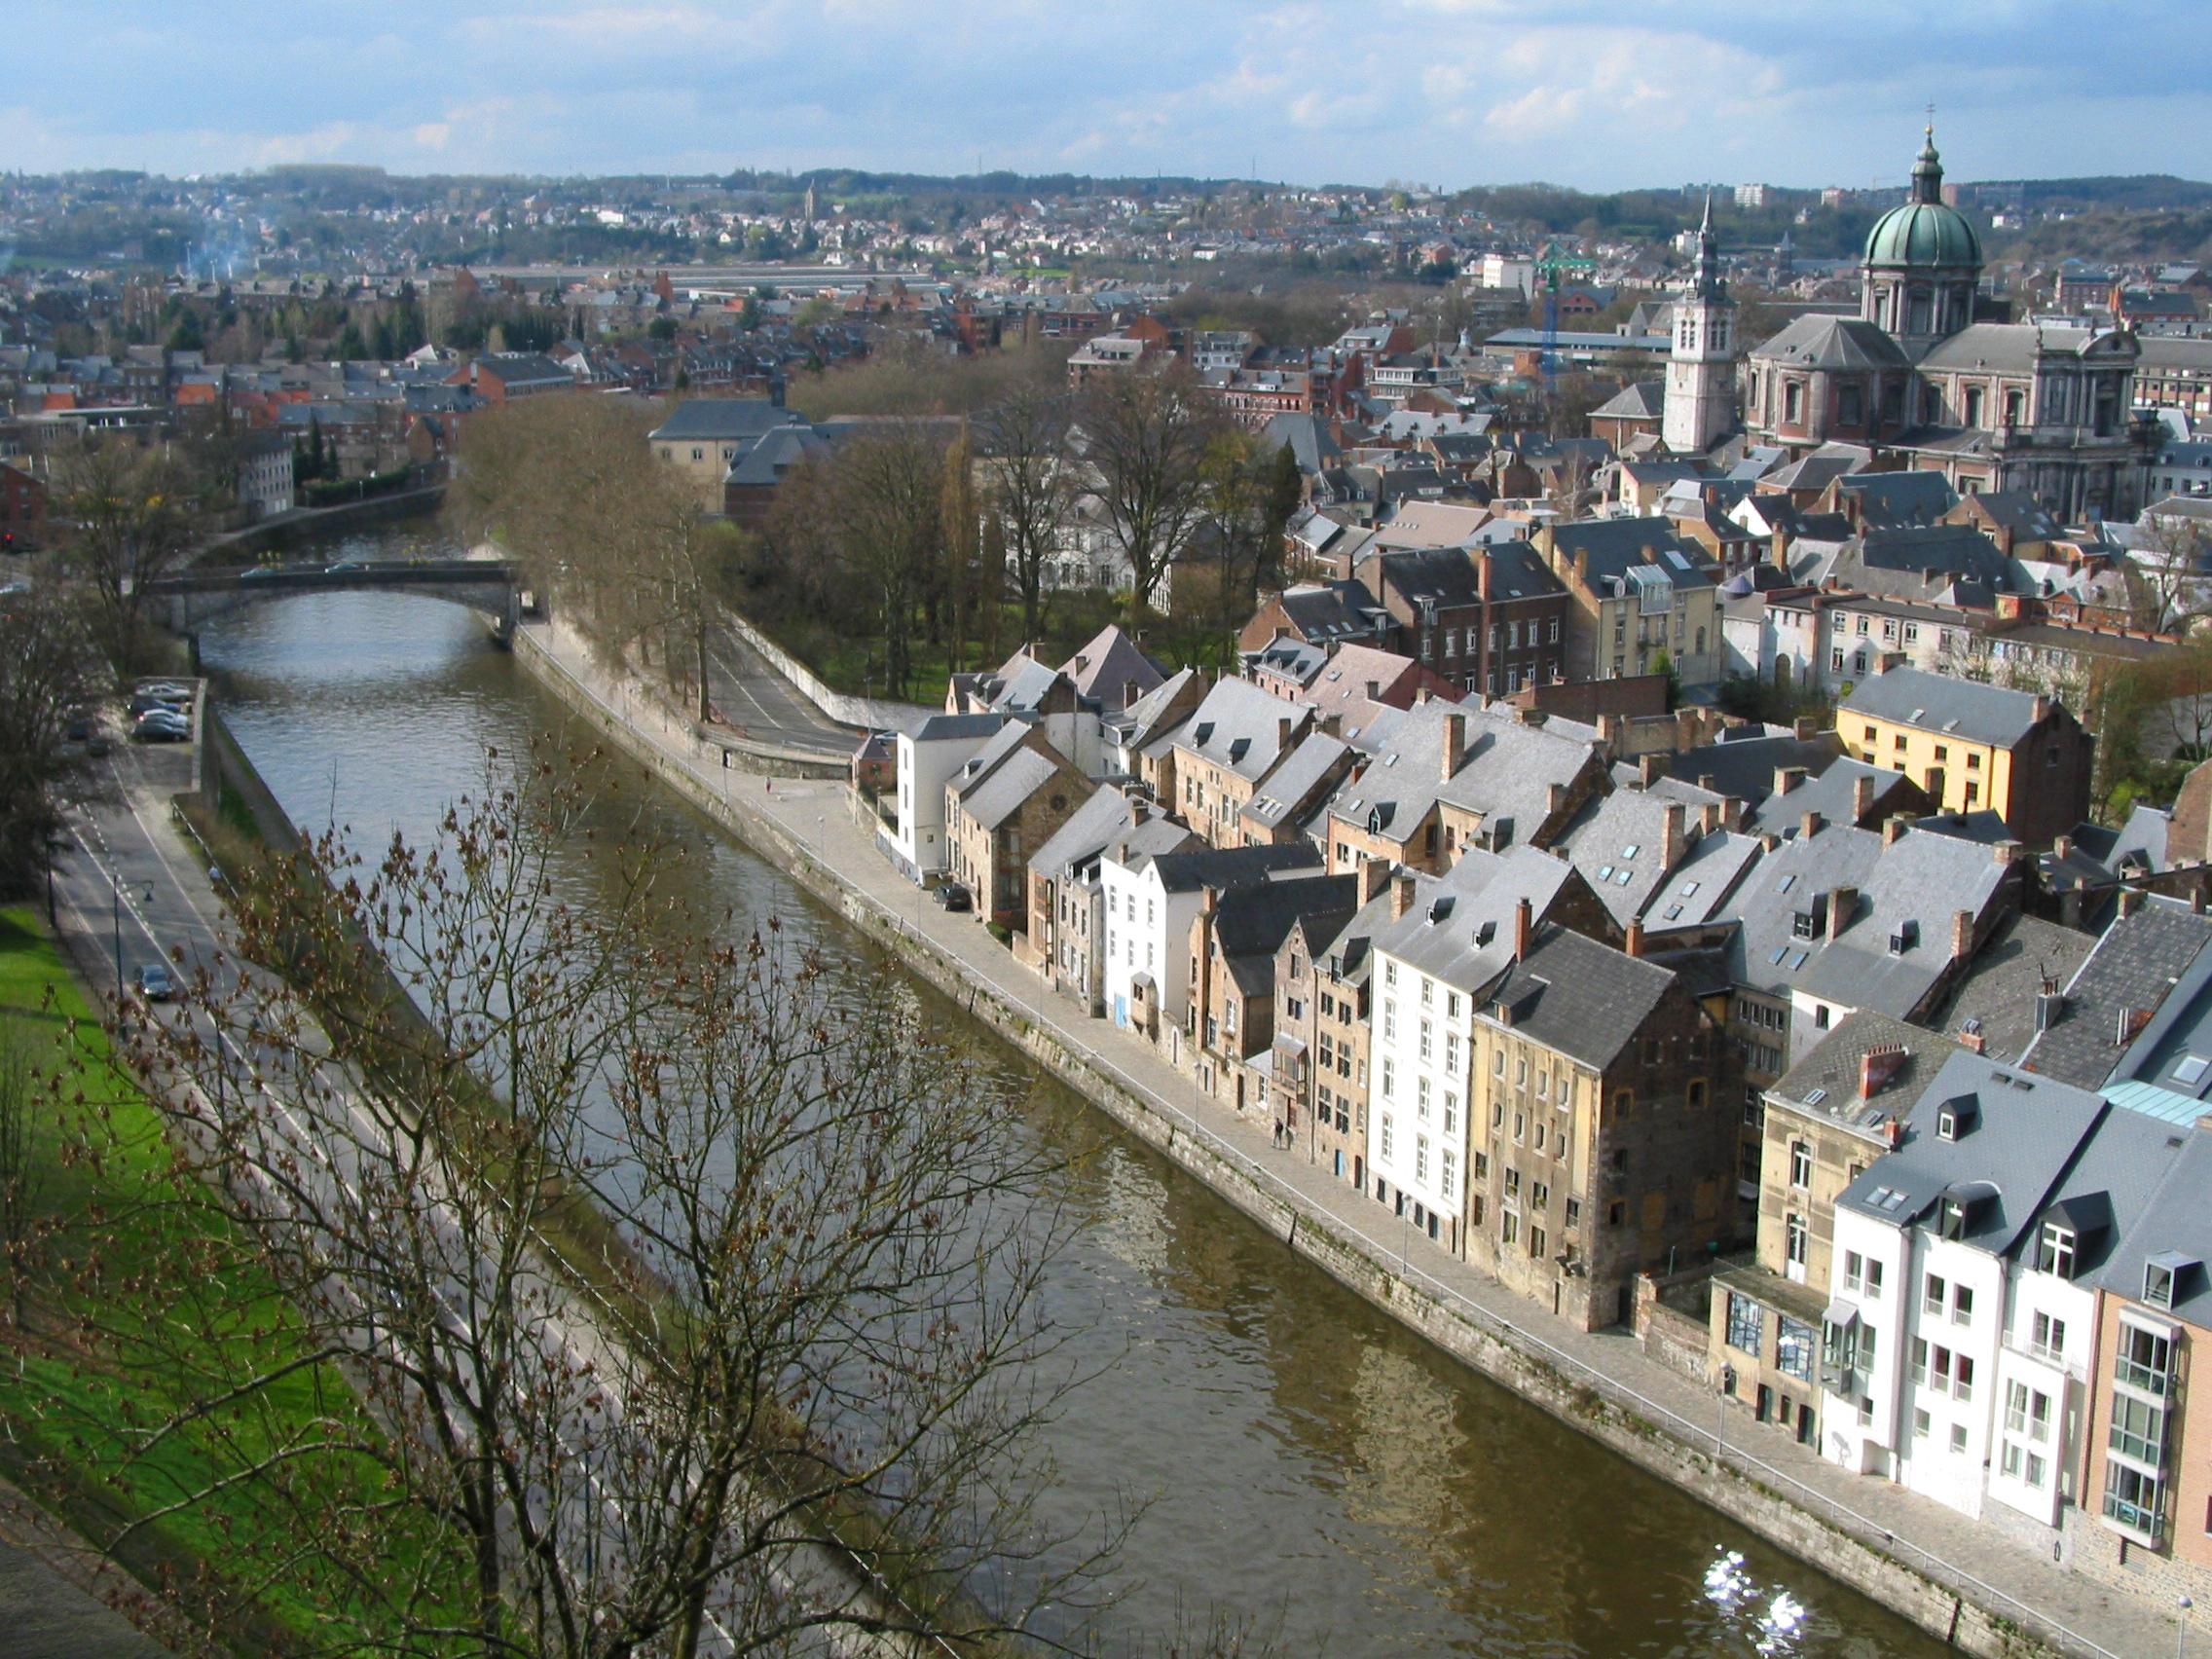 Seis plazas de voluntariado europeo en Bélgica